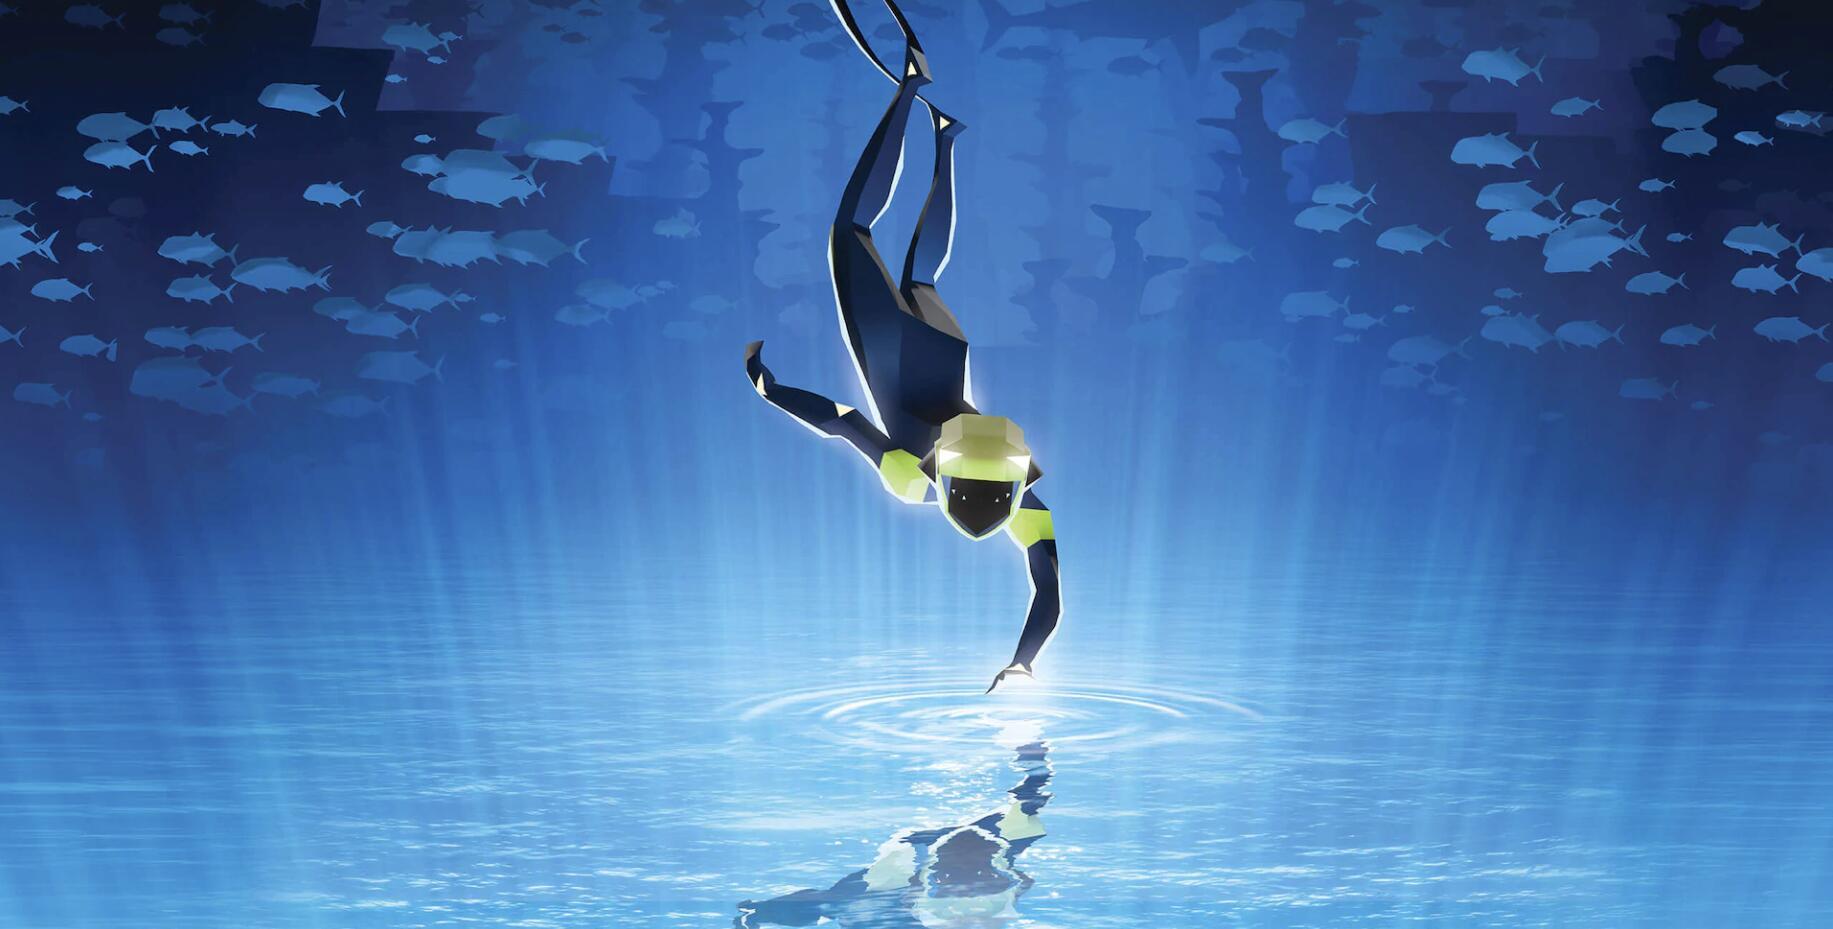 Epic喜加一《智慧之海》免费领取地址